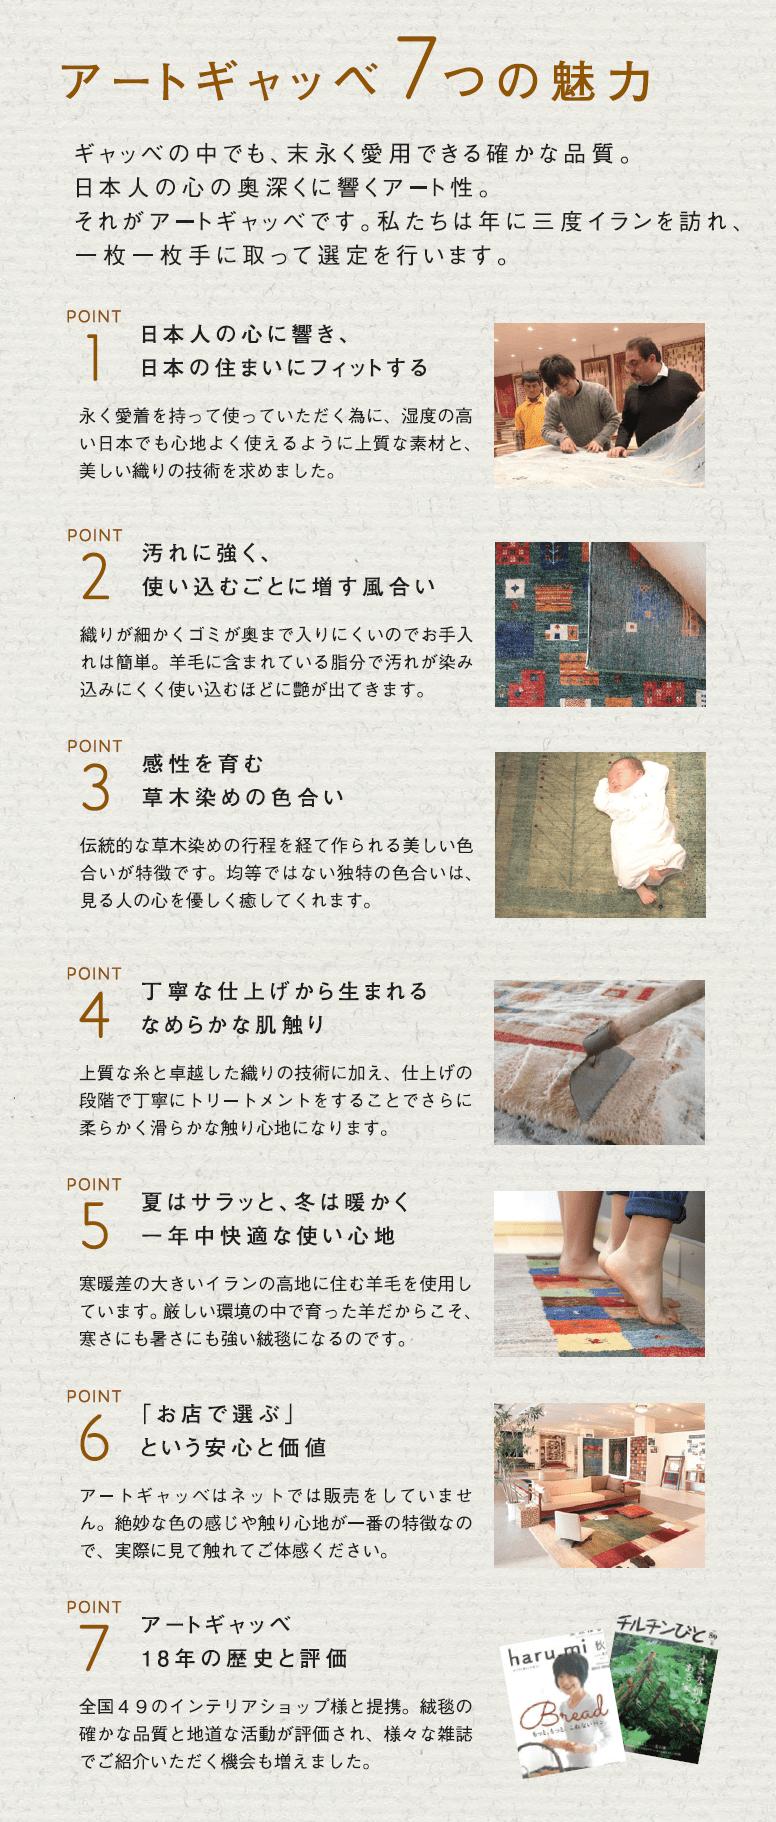 アートギャッベ 7つの魅力